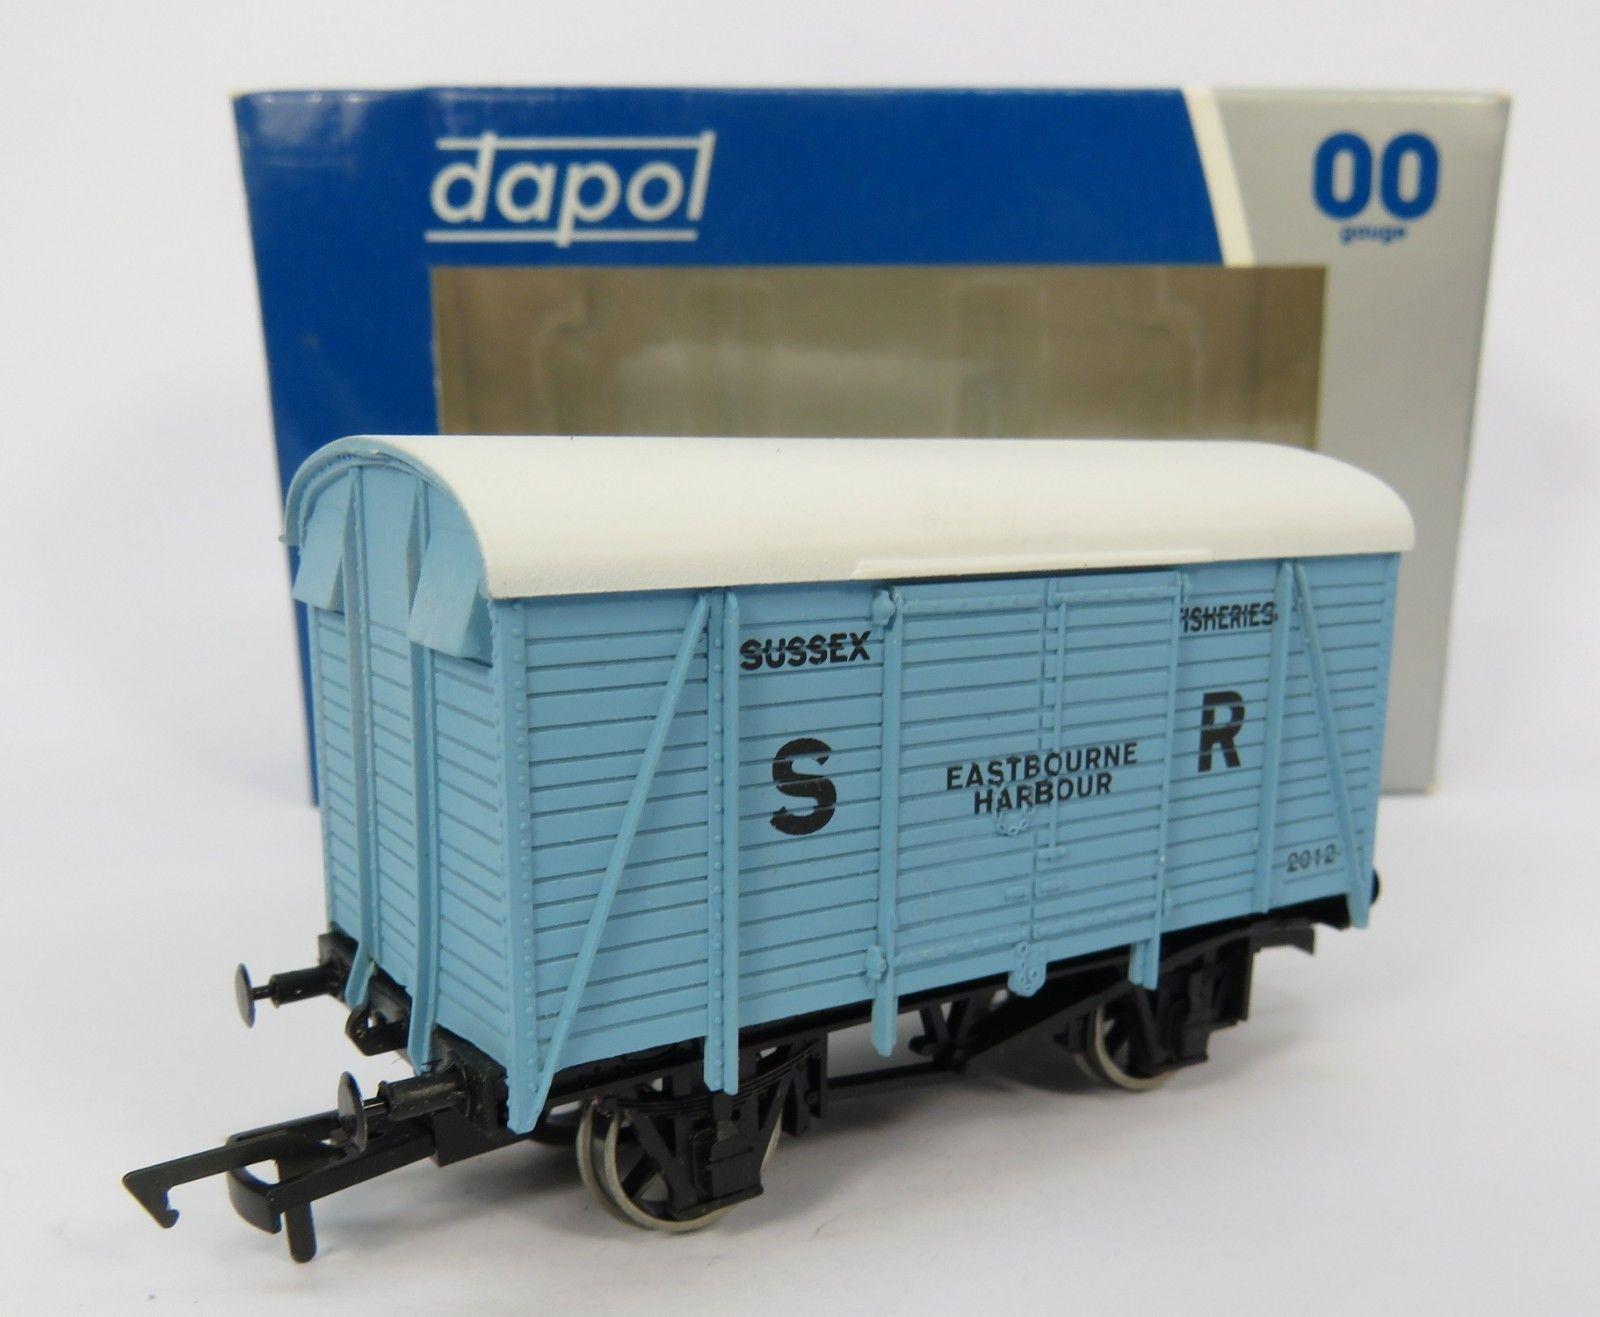 SR 12T Van 'Eastbourne Harbour' Train - Dapol (12T Double Vent Van) front image (front cover)